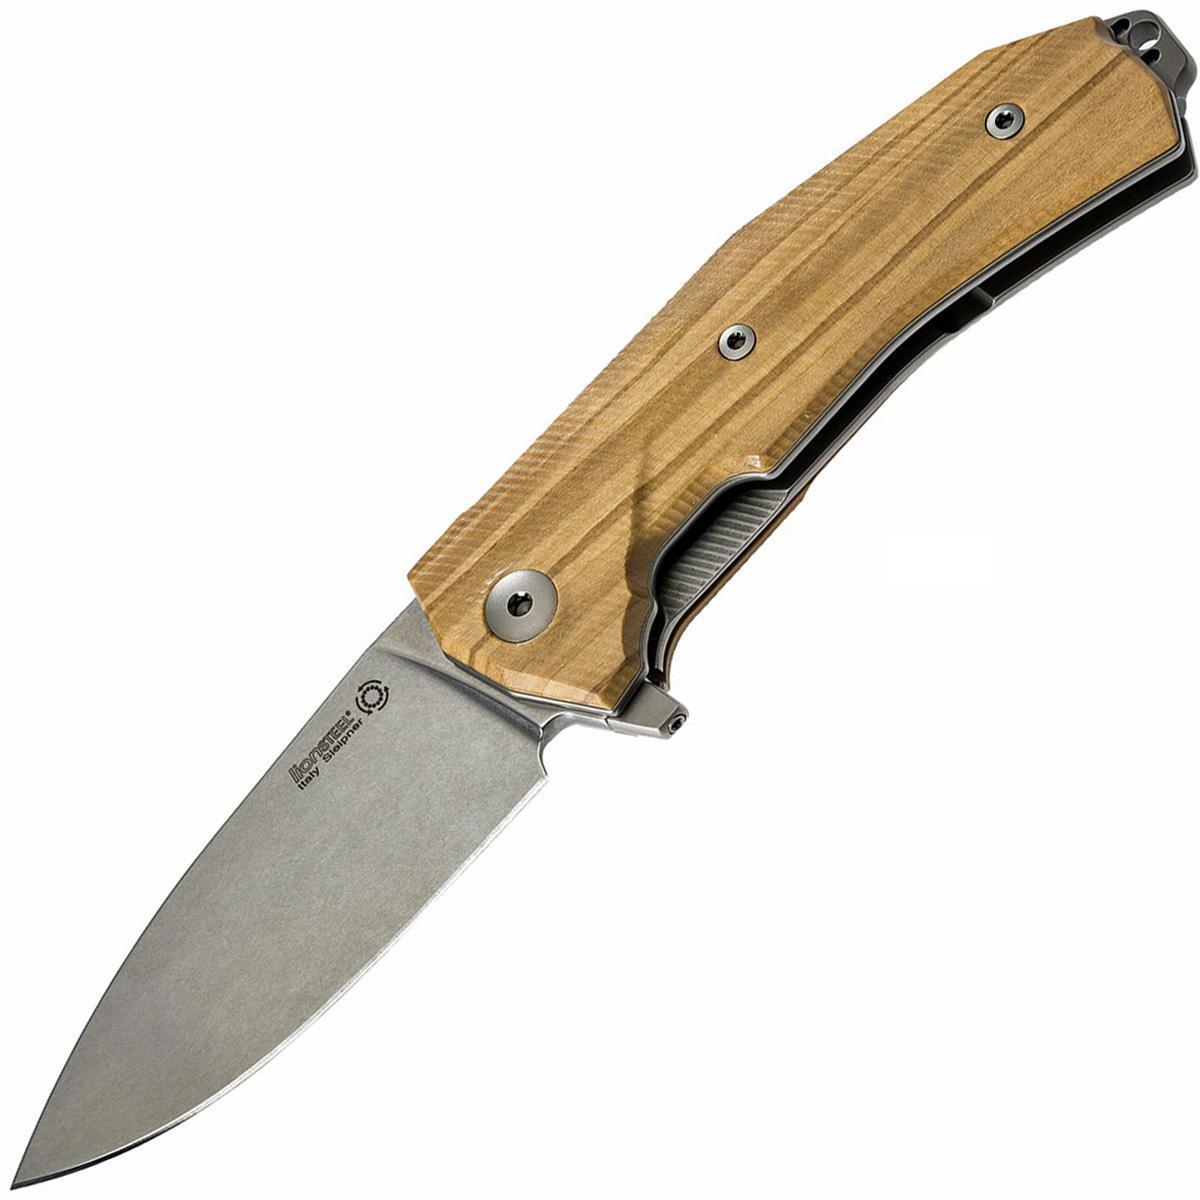 Нож складной LionSteel KUR UL Olive Wood Flipper, сталь Uddeholm Sleipner®, рукоять оливковое дерево фото